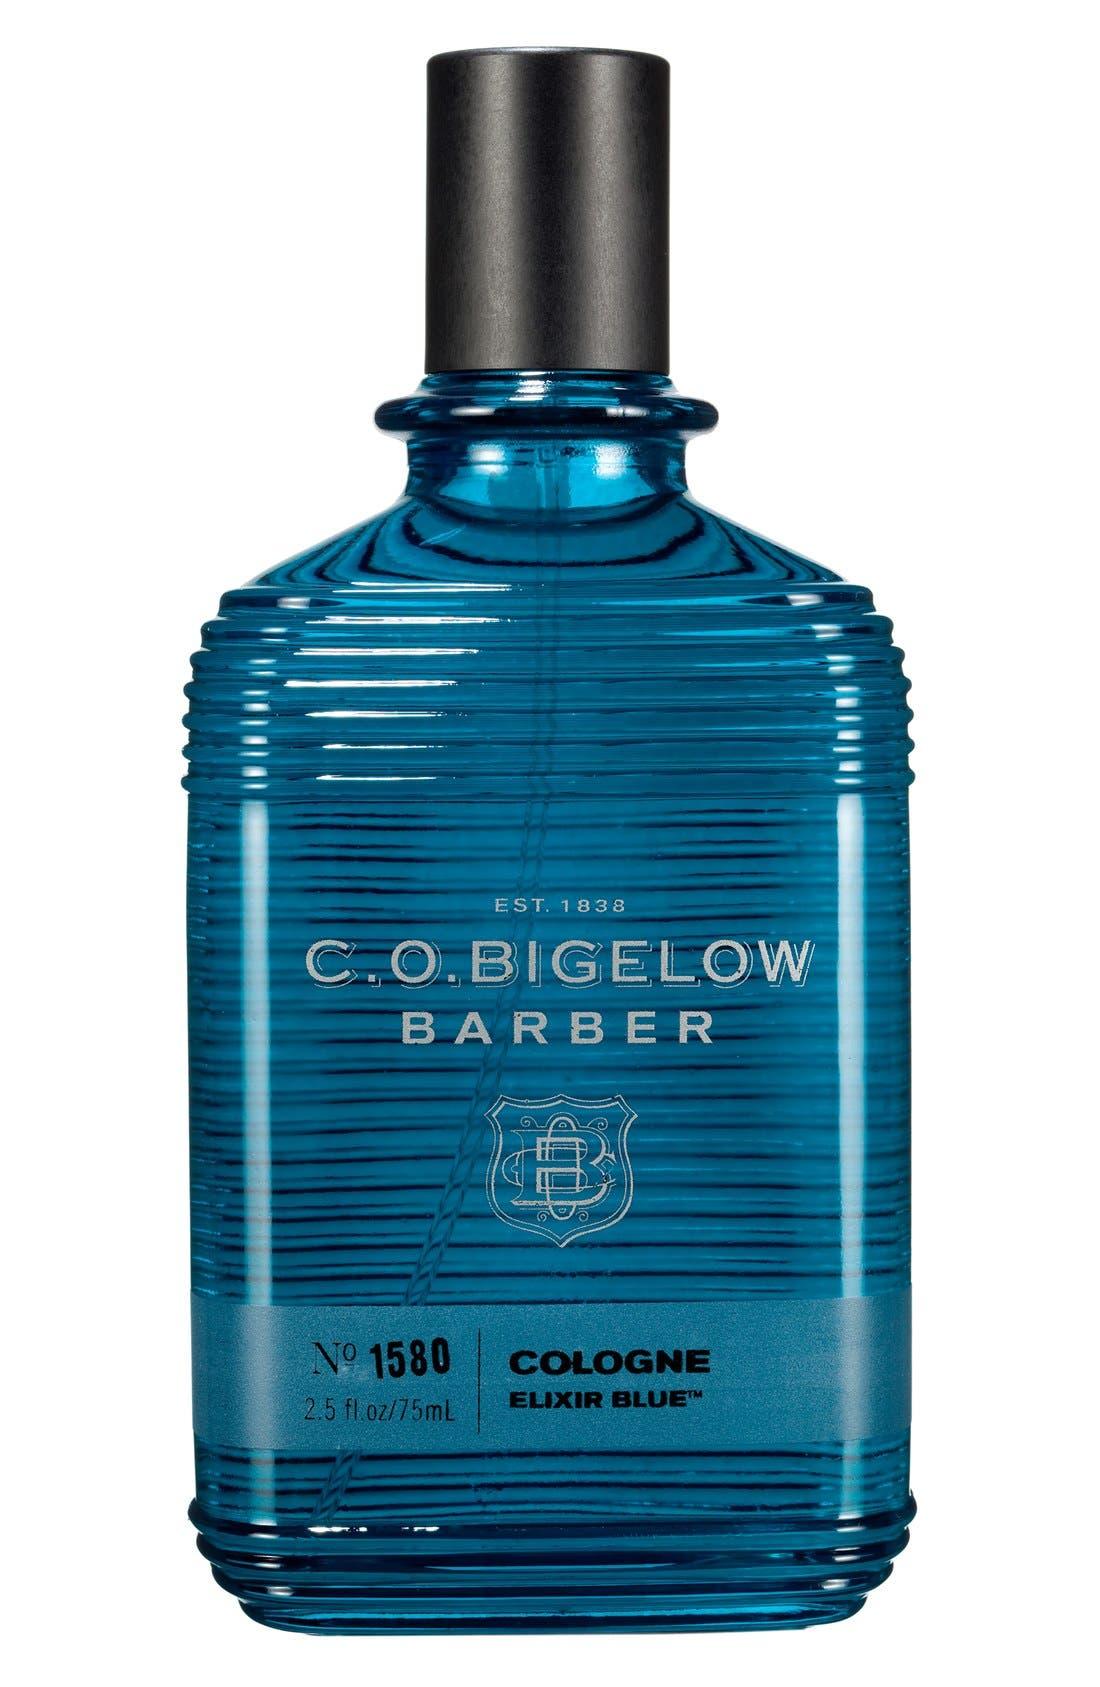 C.O. Bigelow® 'Barber - Elixir Blue' Cologne